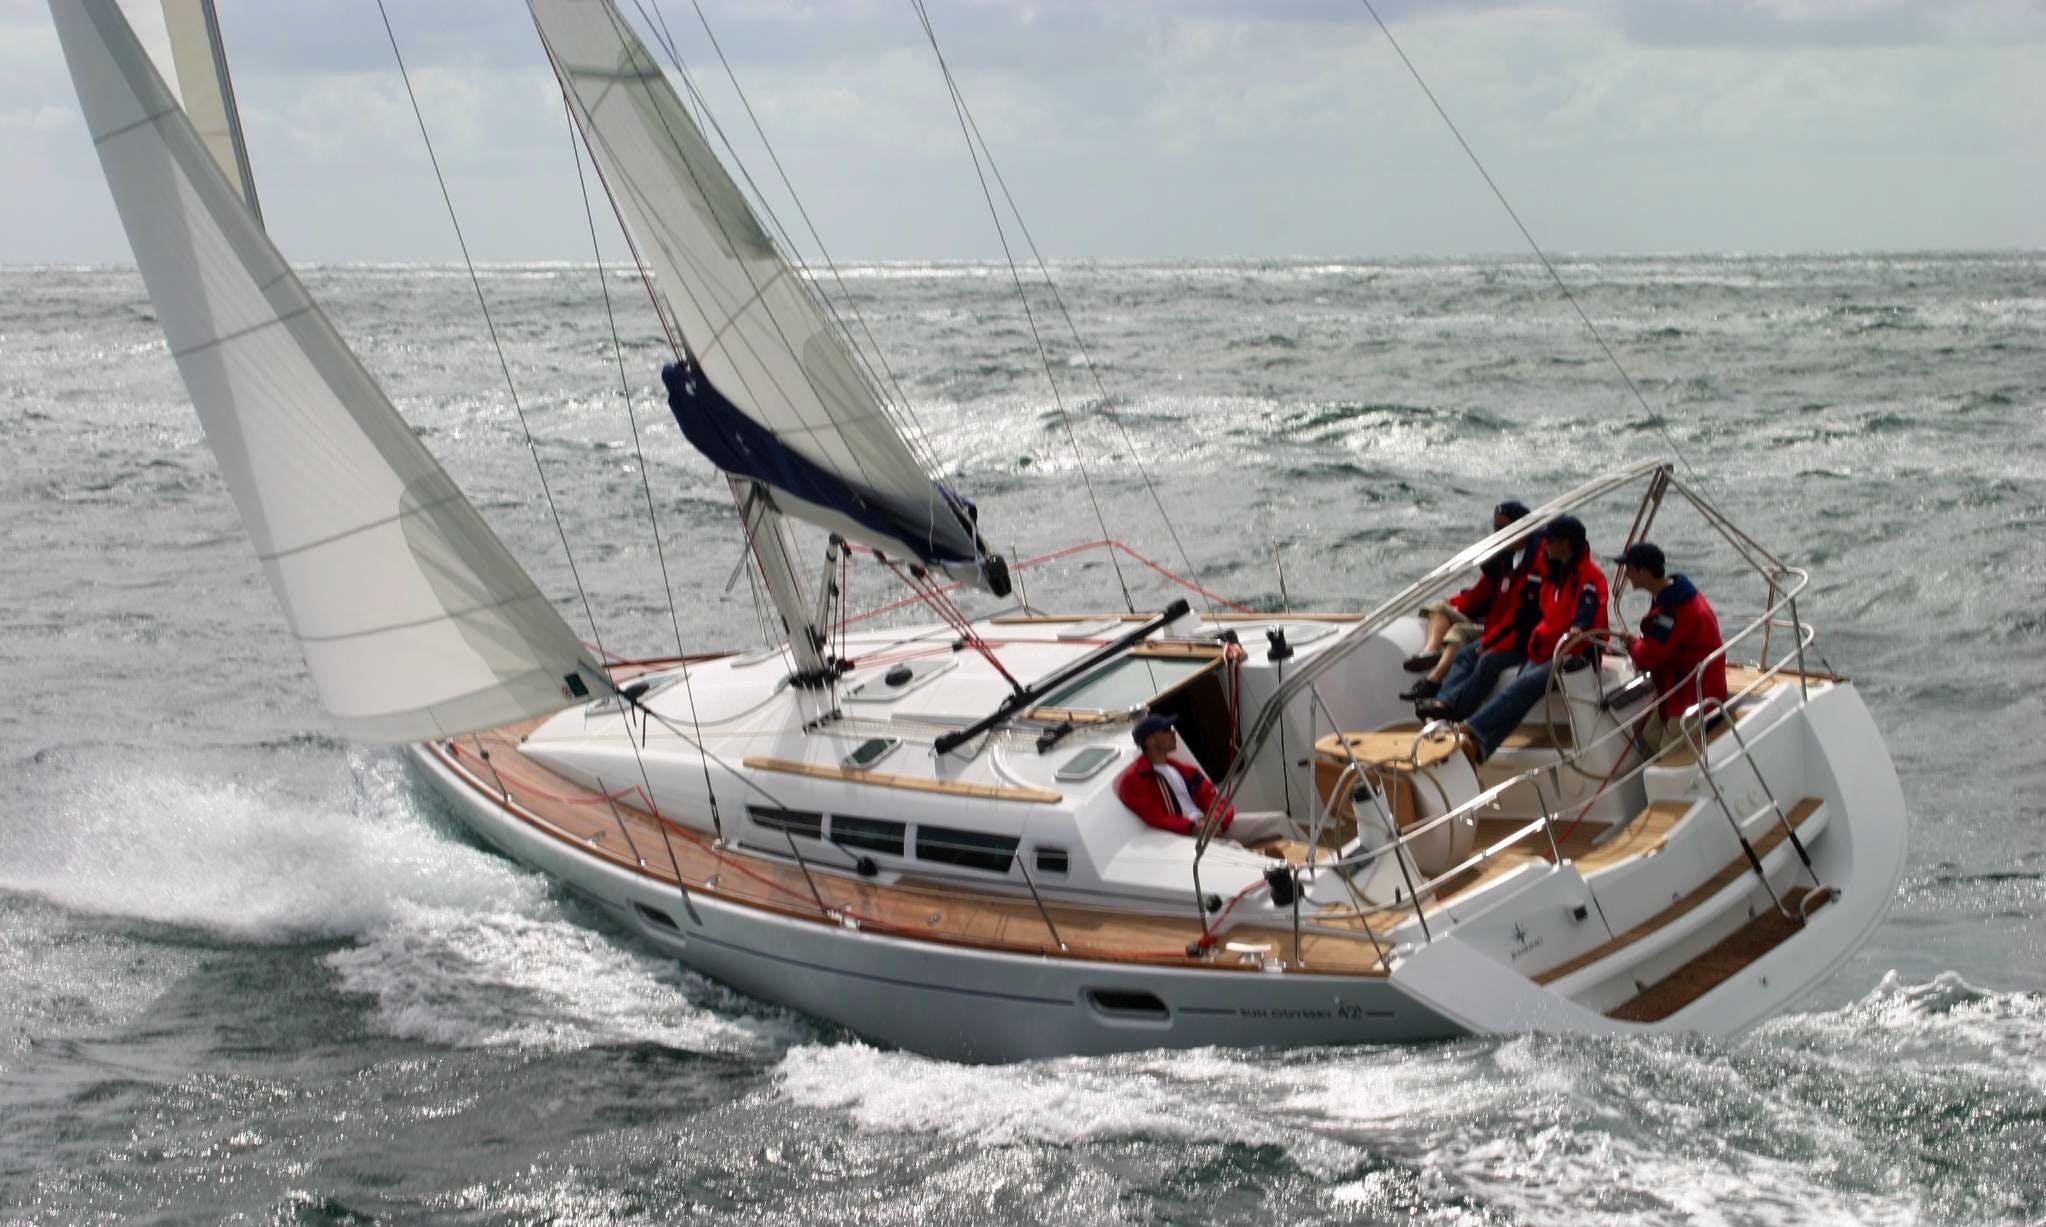 Jeanneau Sun Odyssey 509  Charter for 20 People in Gzira, Malta